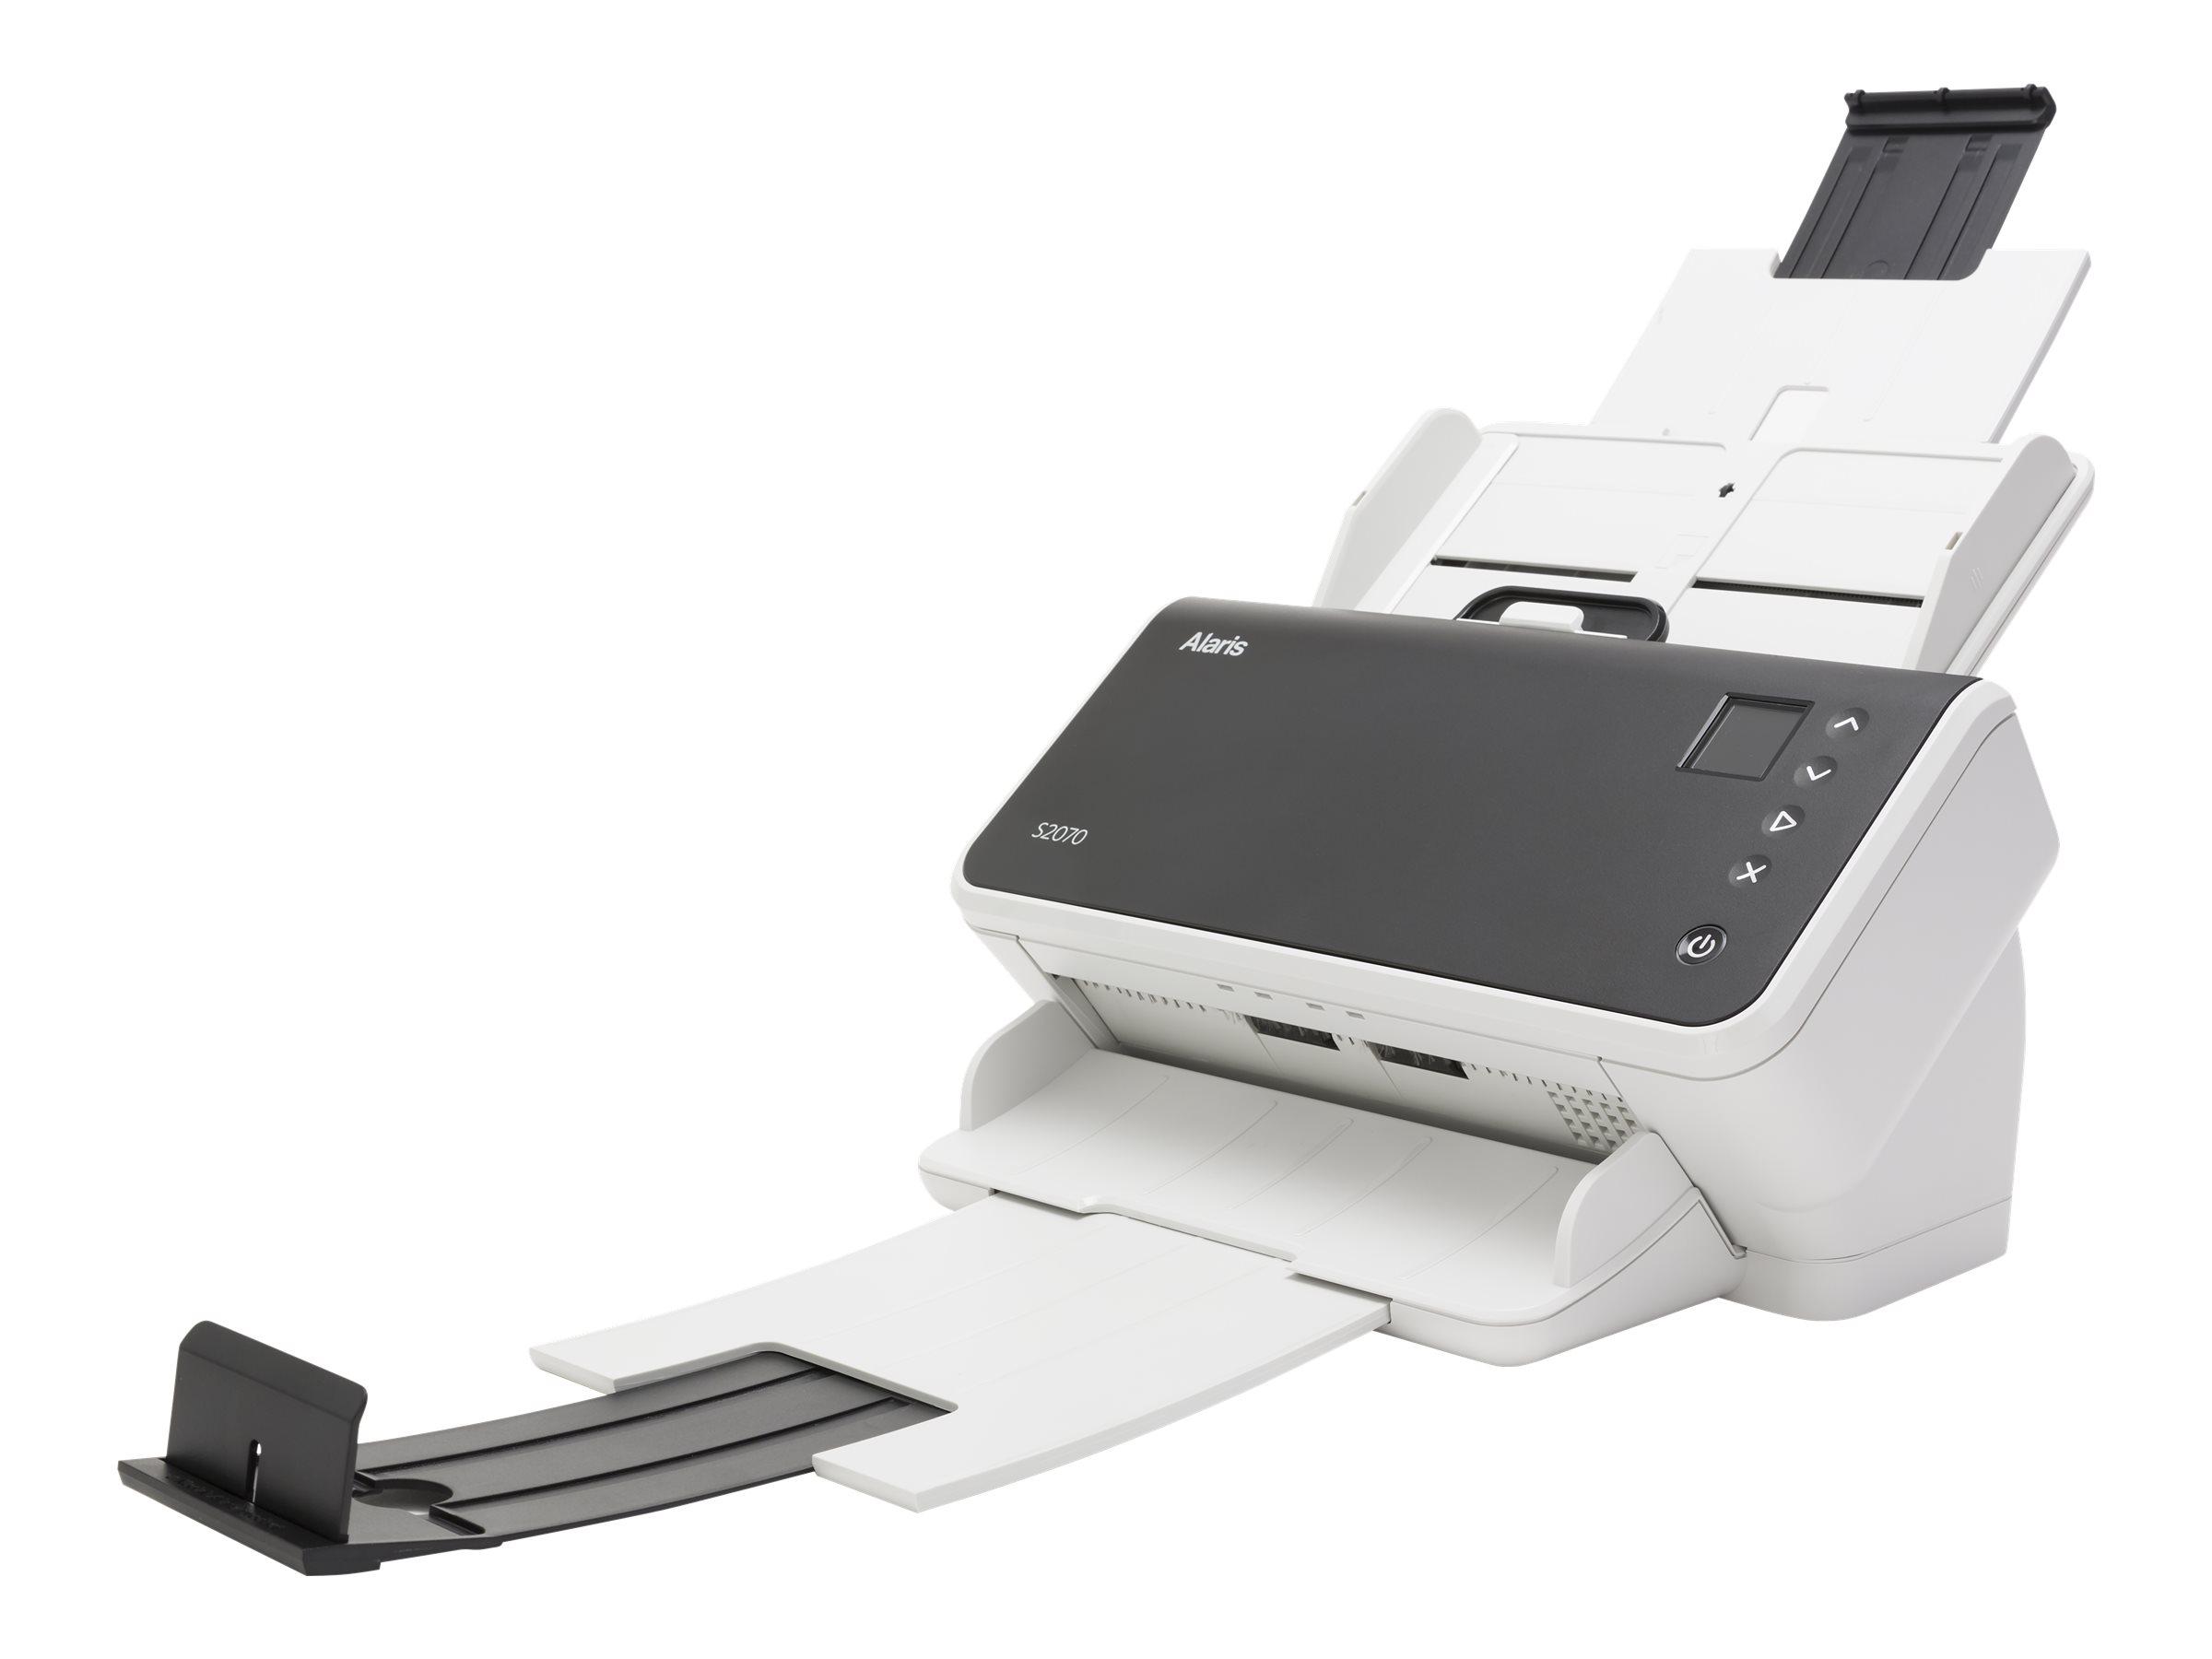 Alaris S2070 - Dokumentenscanner - 216 x 3000 mm - 600 dpi x 600 dpi - bis zu 70 Seiten/Min. (einfarbig) / bis zu 70 Seiten/Min.